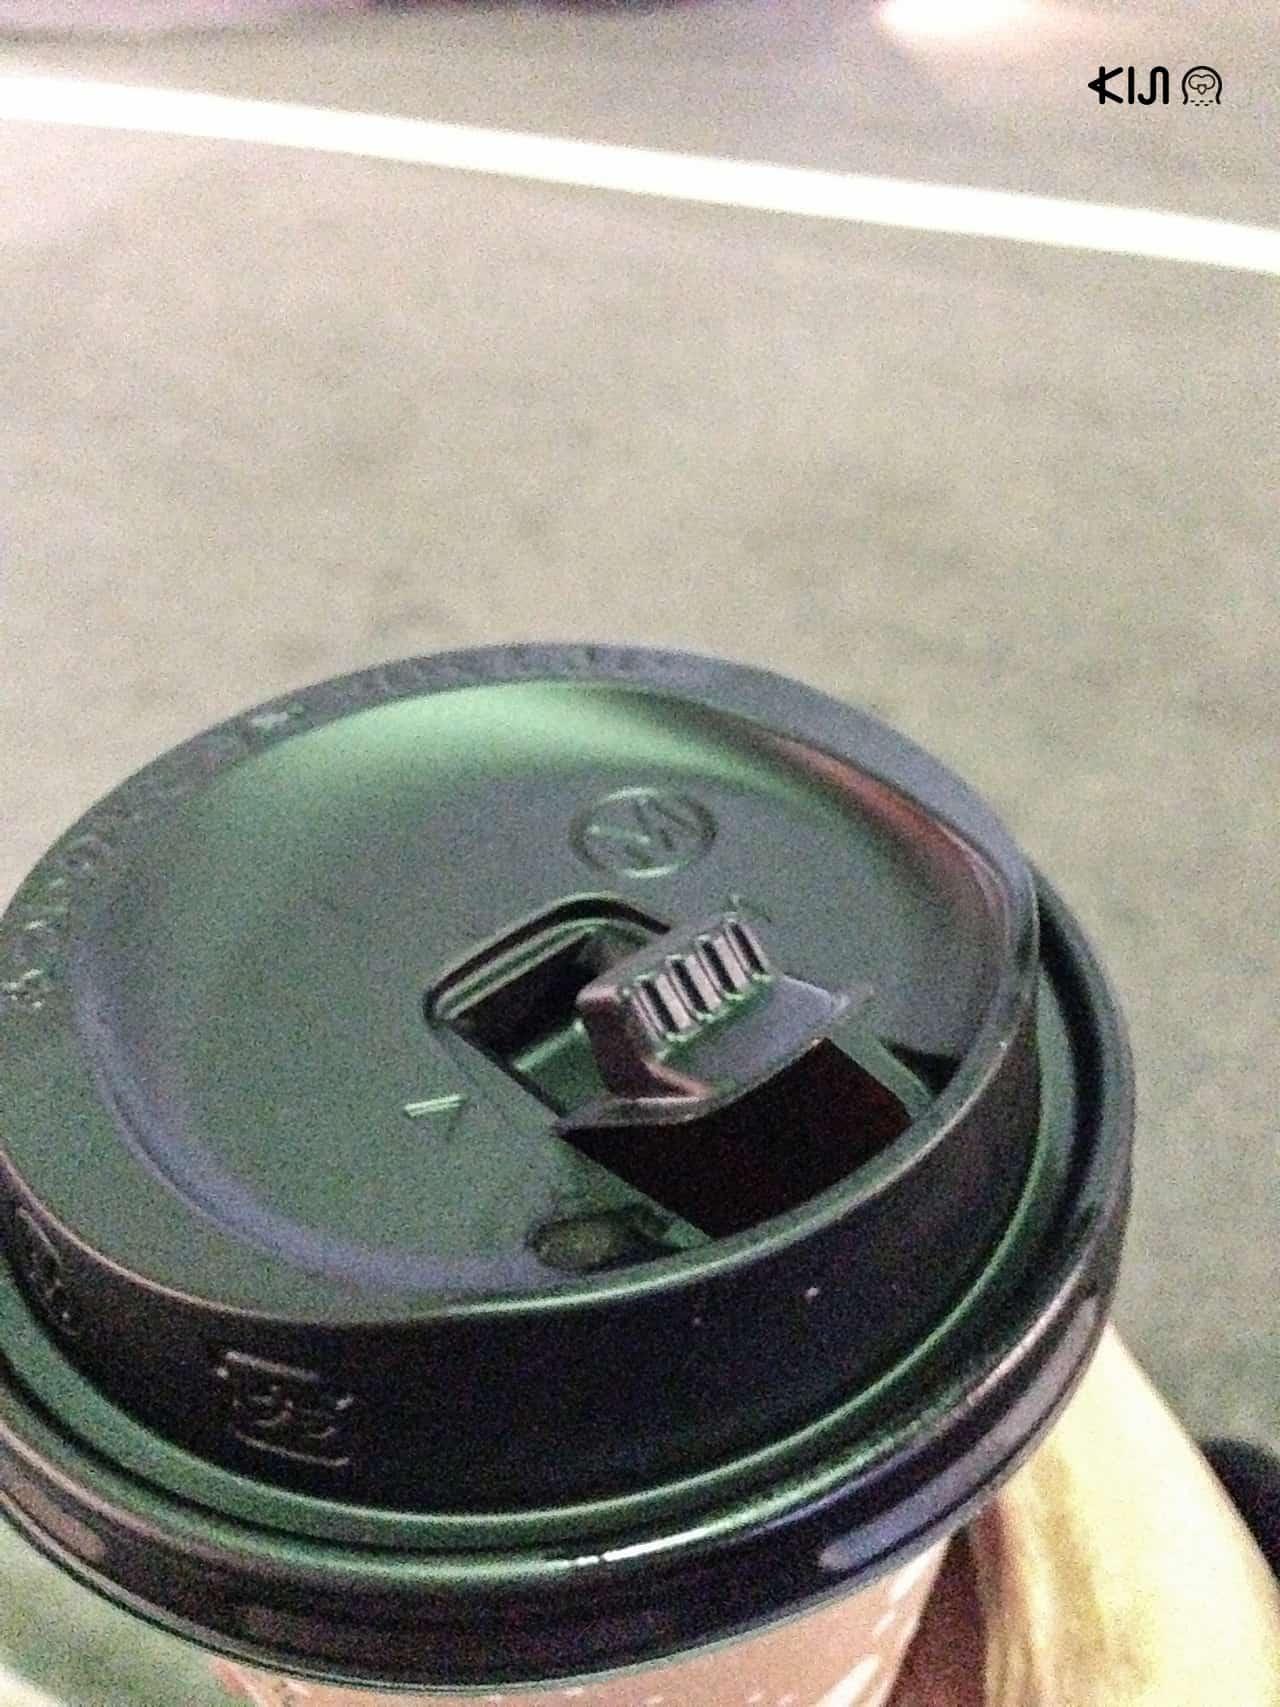 แพ็กเกจจิ้งญี่ปุ่น ฝาปิดถ้วยกาแฟร้อน